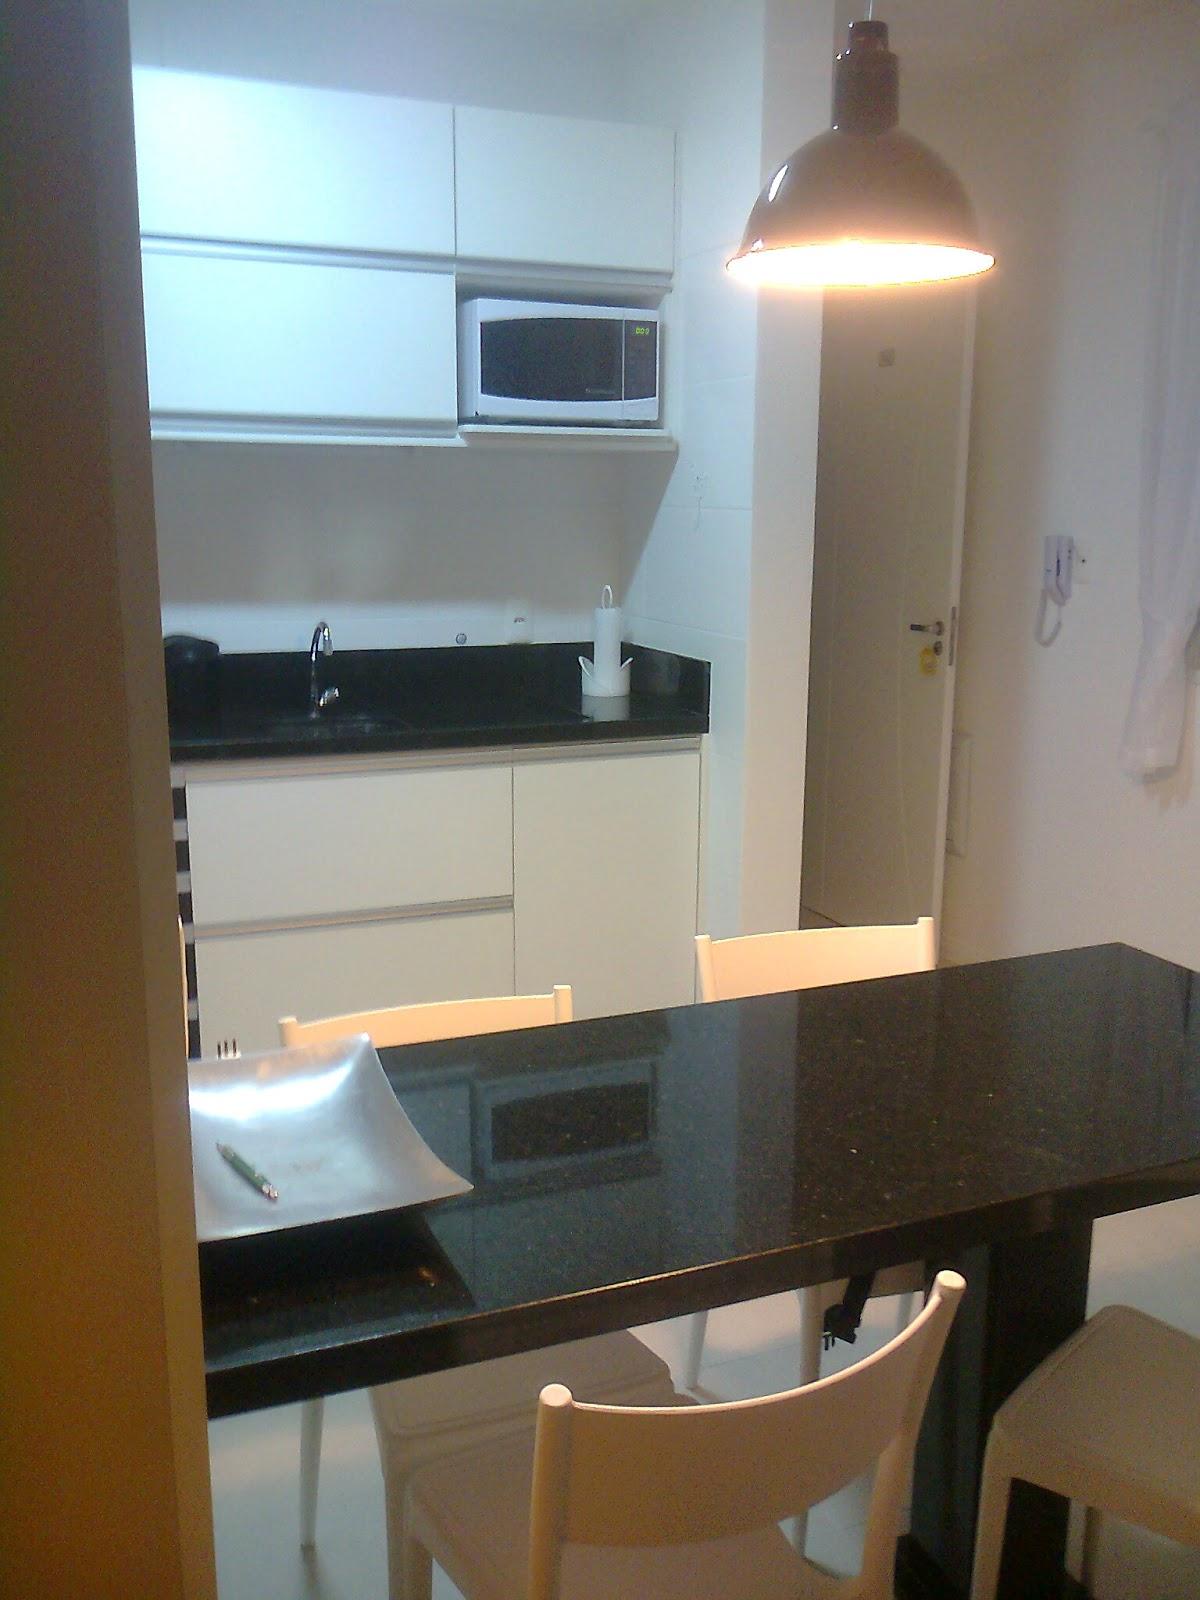 móveis sob medidas: Cozinha com fogão de embutir e passa prato #644725 1200 1600